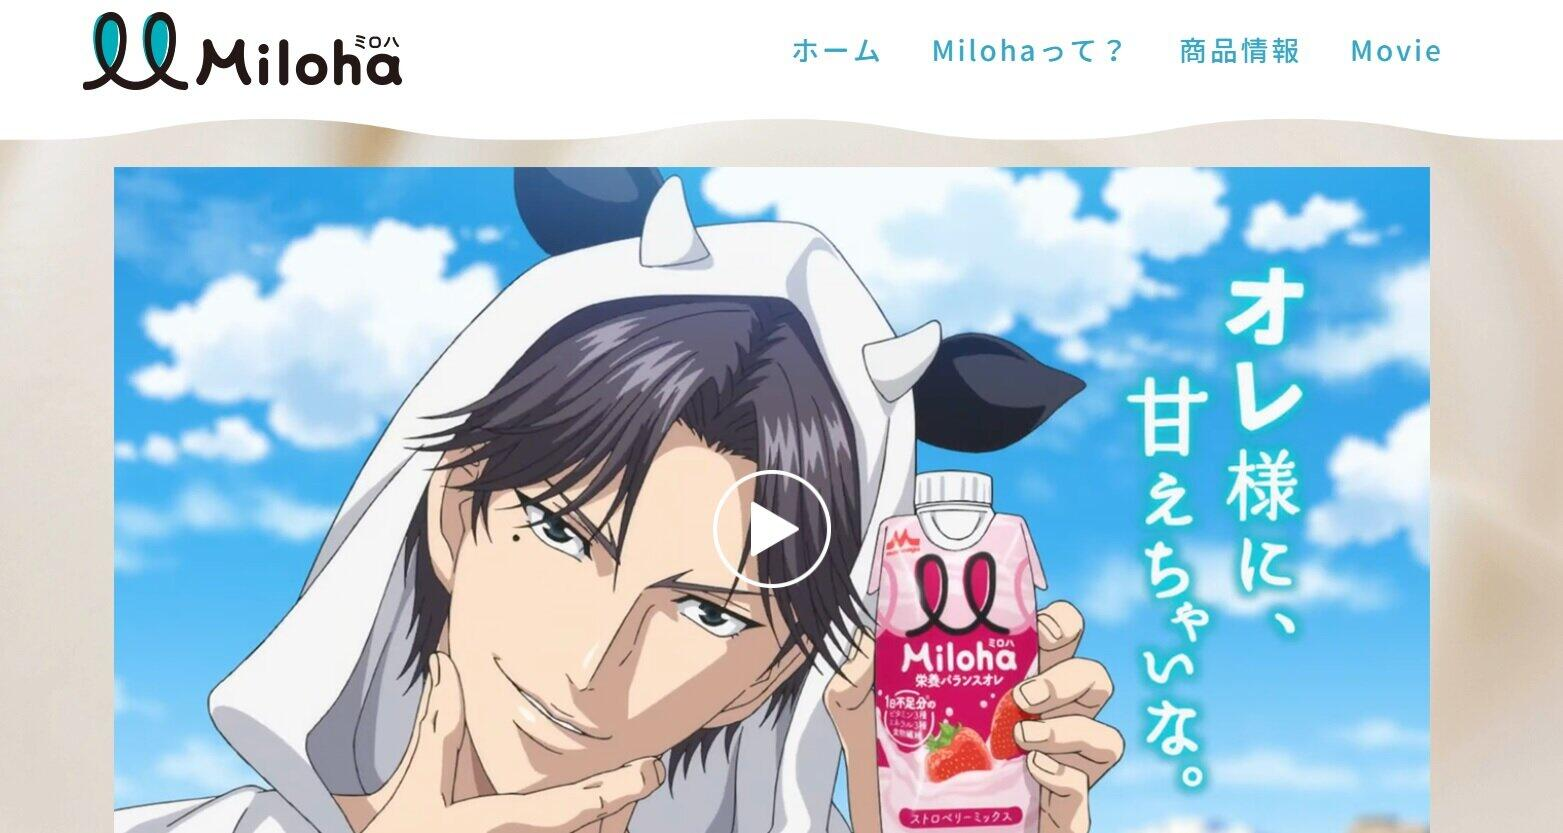 画像は森永乳業の飲料「Miloha」公式サイトのスクリーンショット